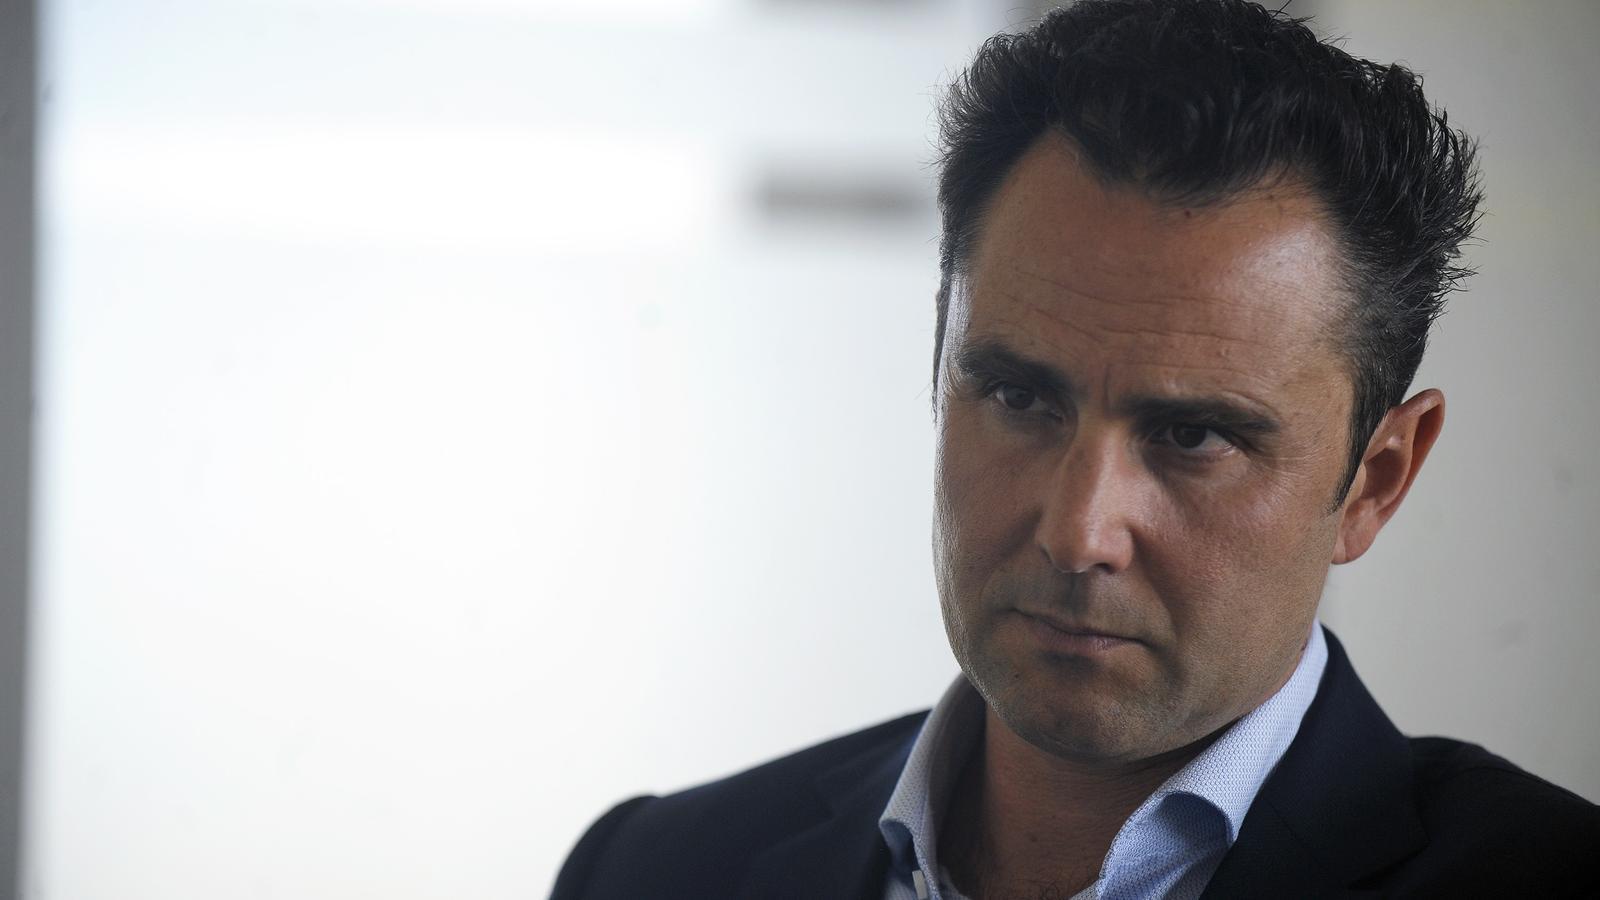 Hervé Falciani, informático franco-italiano reclamado por Suiza. / Daniel García-Sala